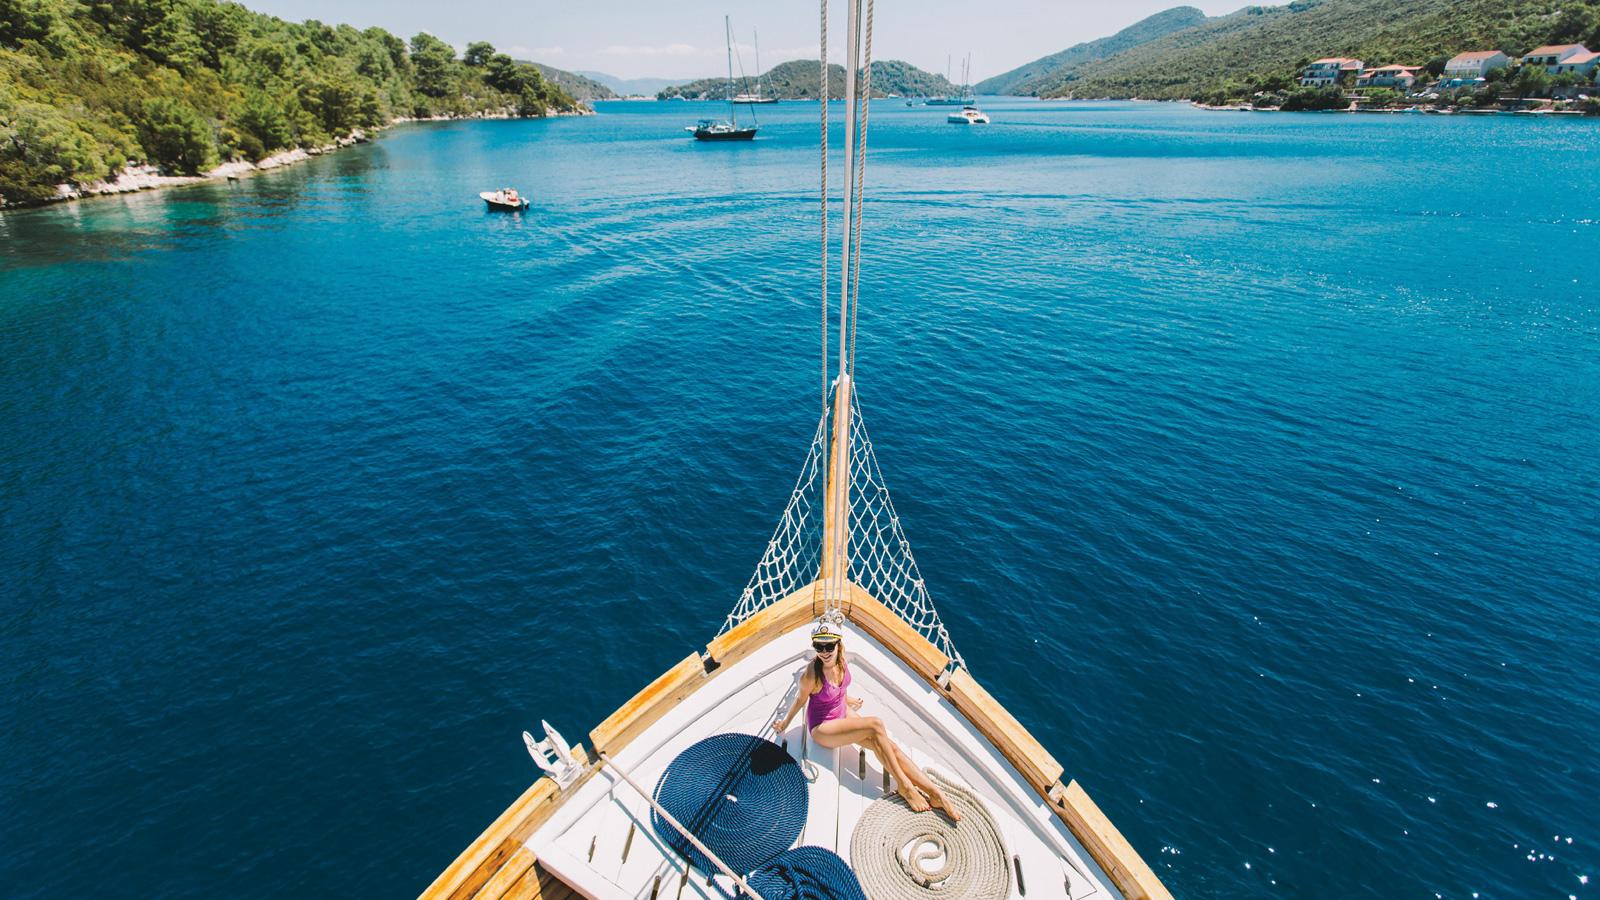 Segelabenteuer kroatische Adria: Von Split nach Dubrovnik